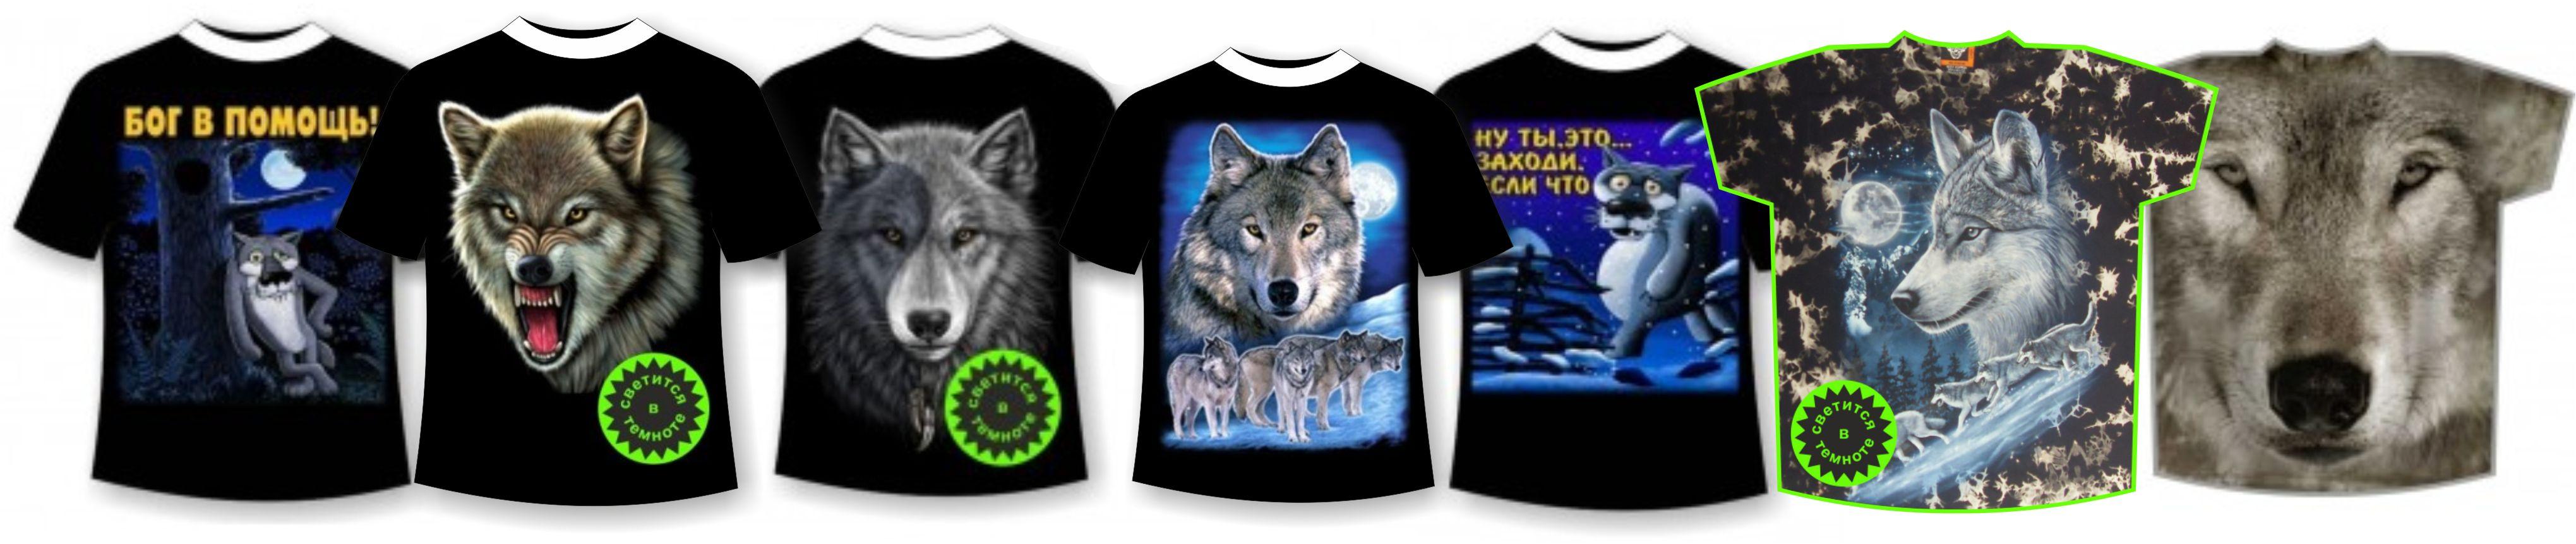 подарки с изображением волков